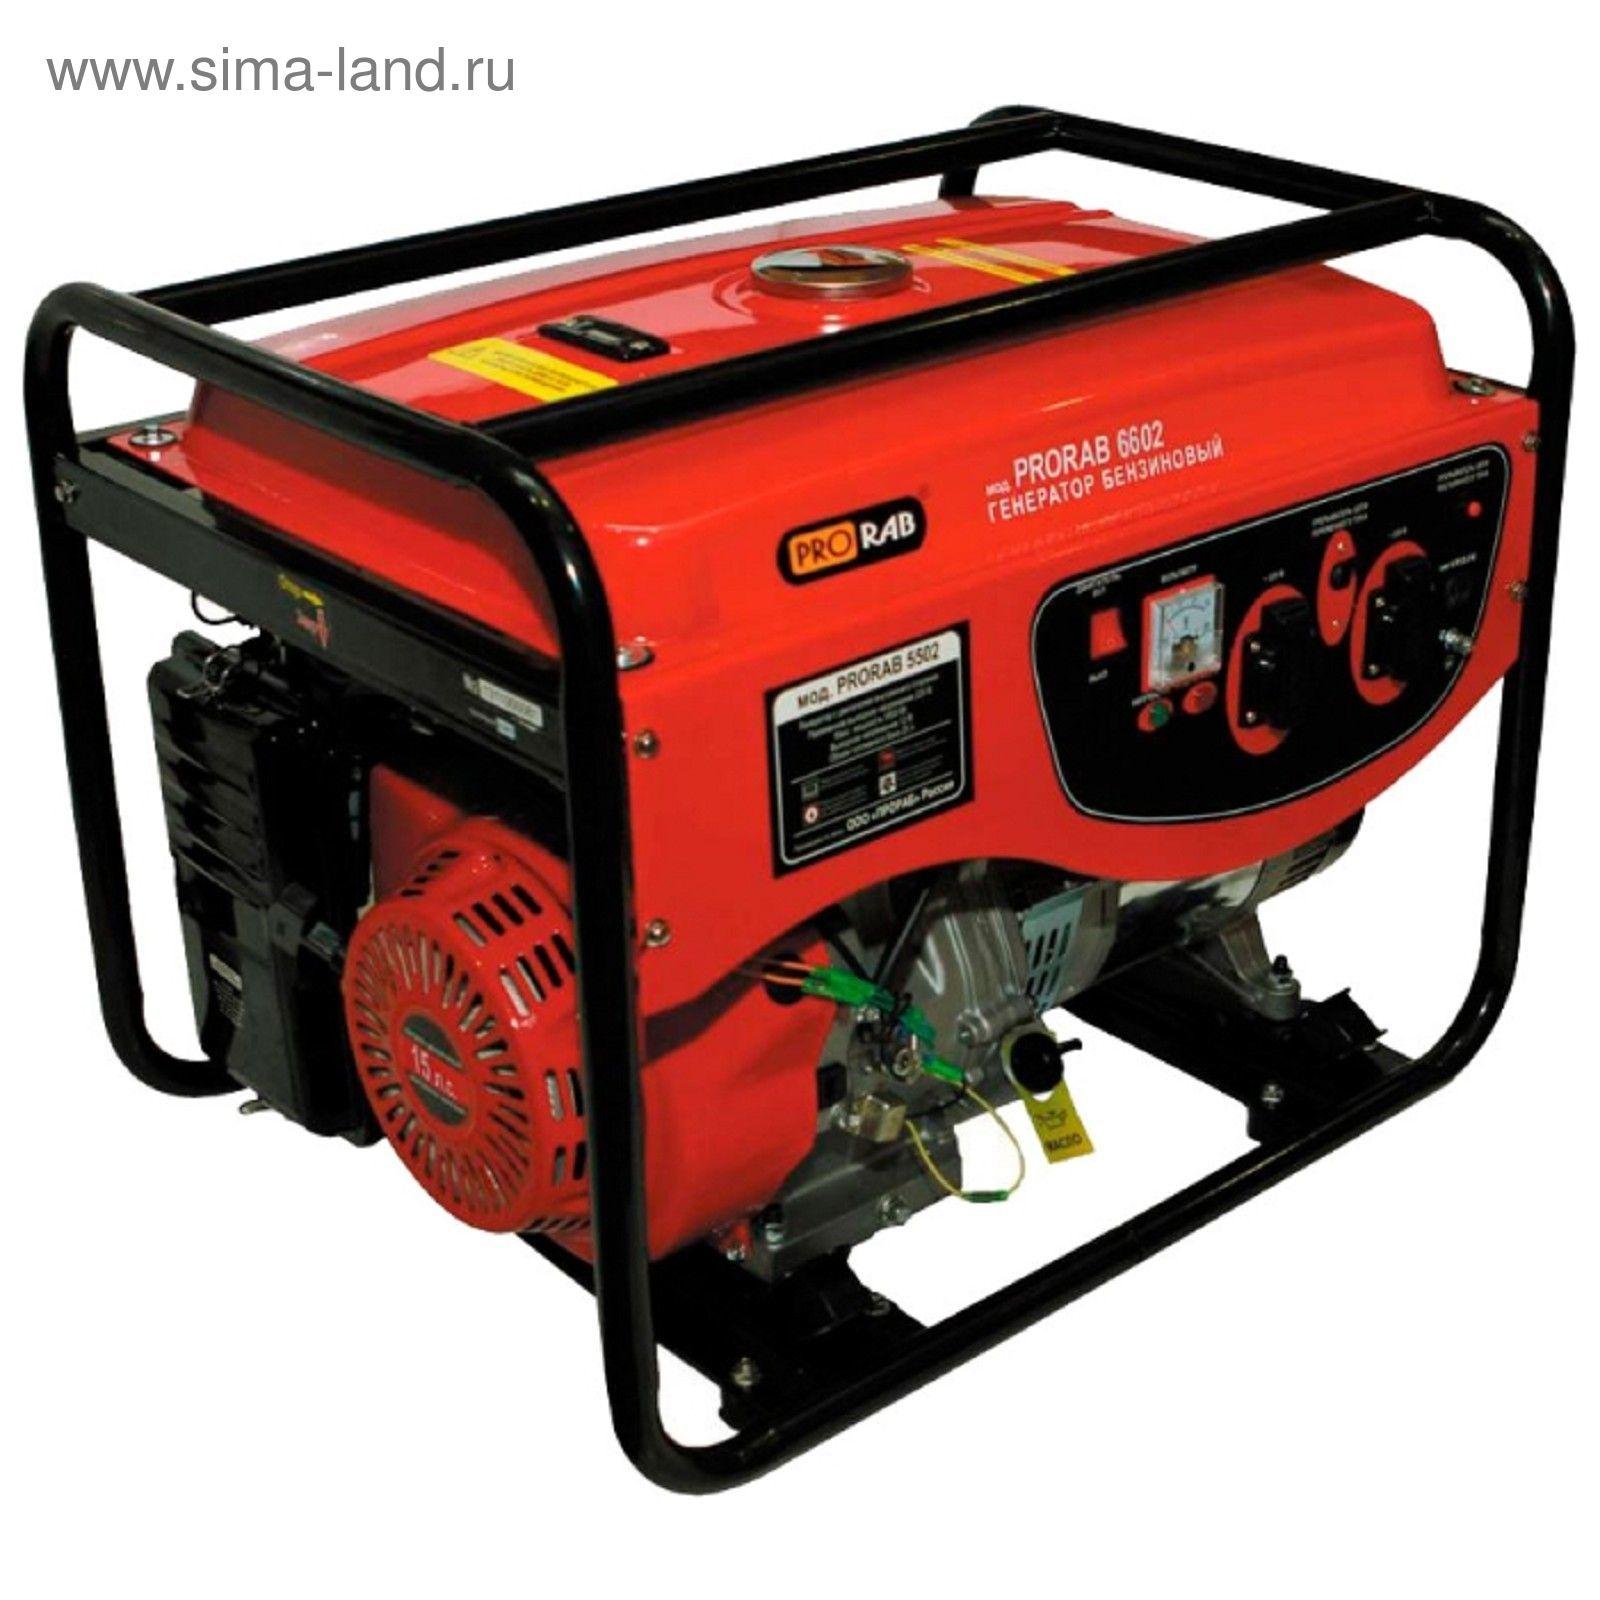 Одноцилиндровый бензиновый генератор сварочный аппарат 200 а y